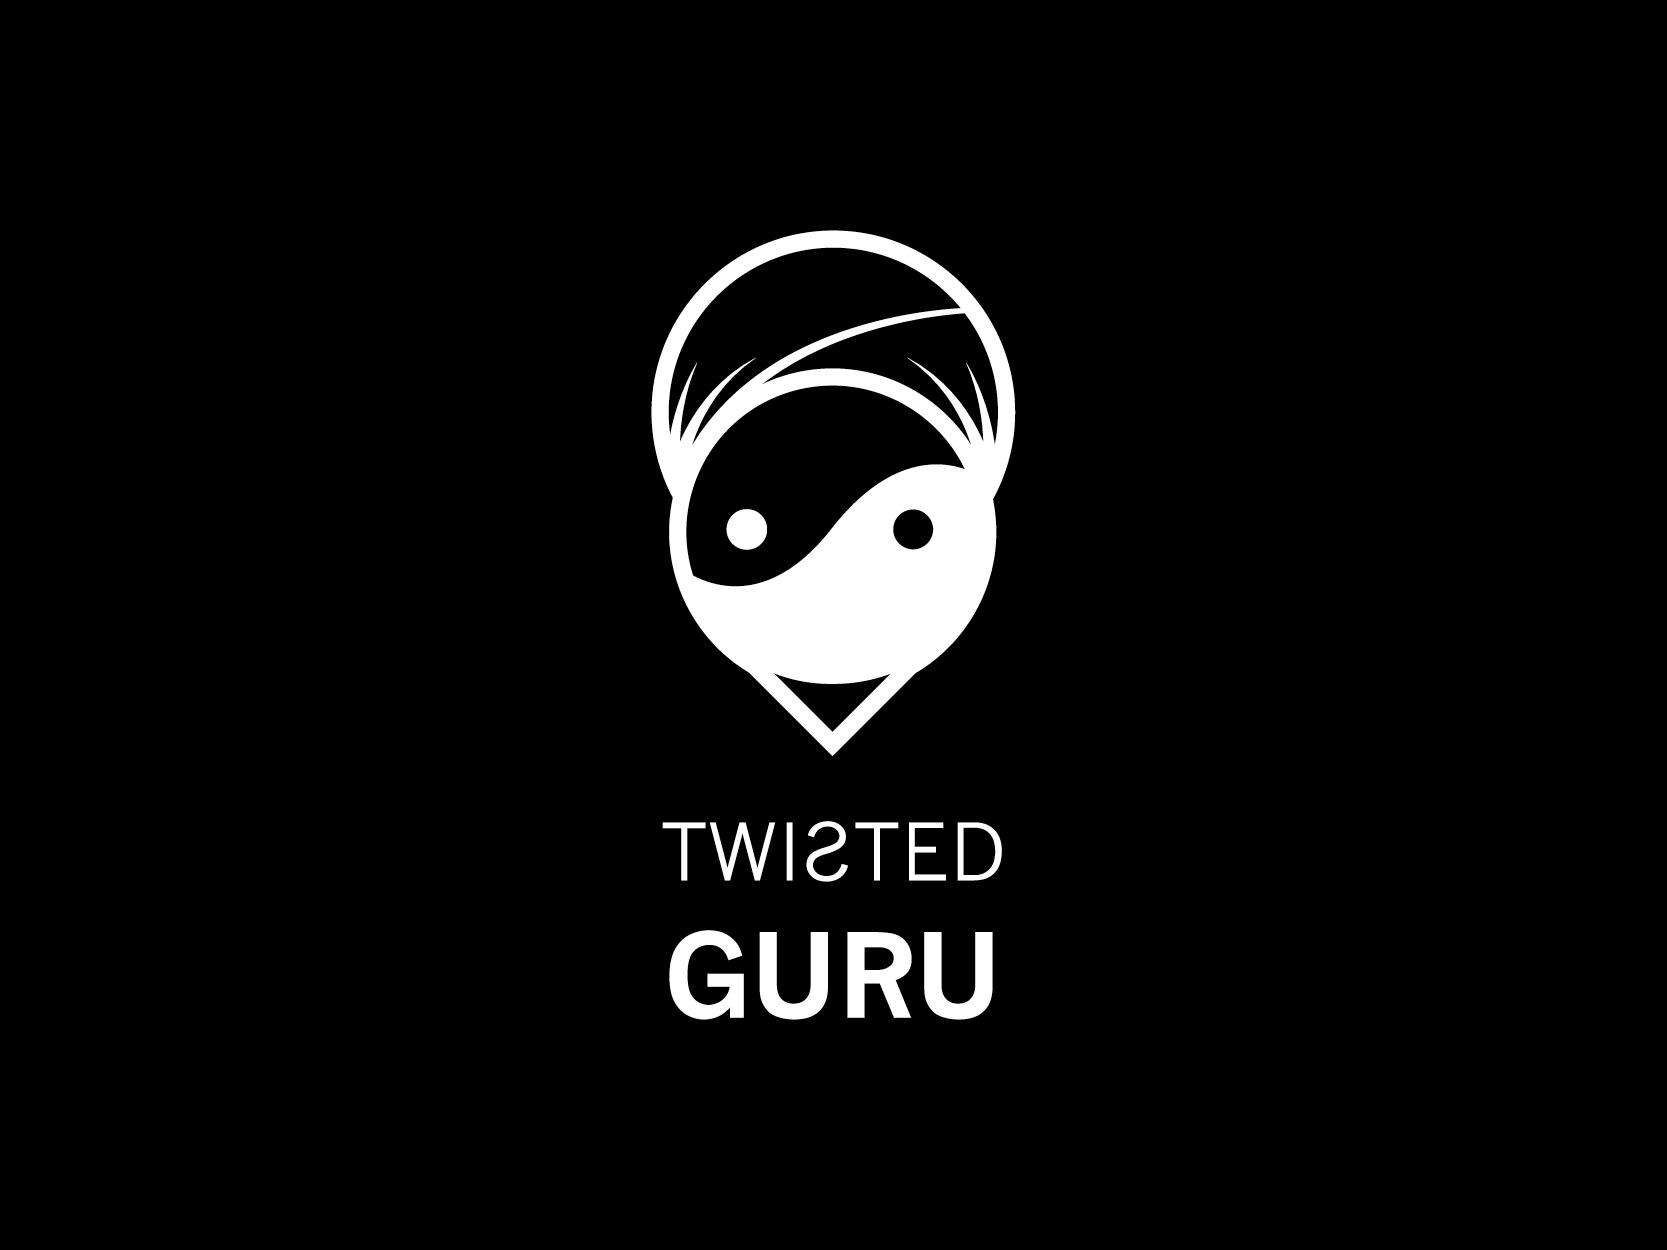 Twisted Guru V2.jpg